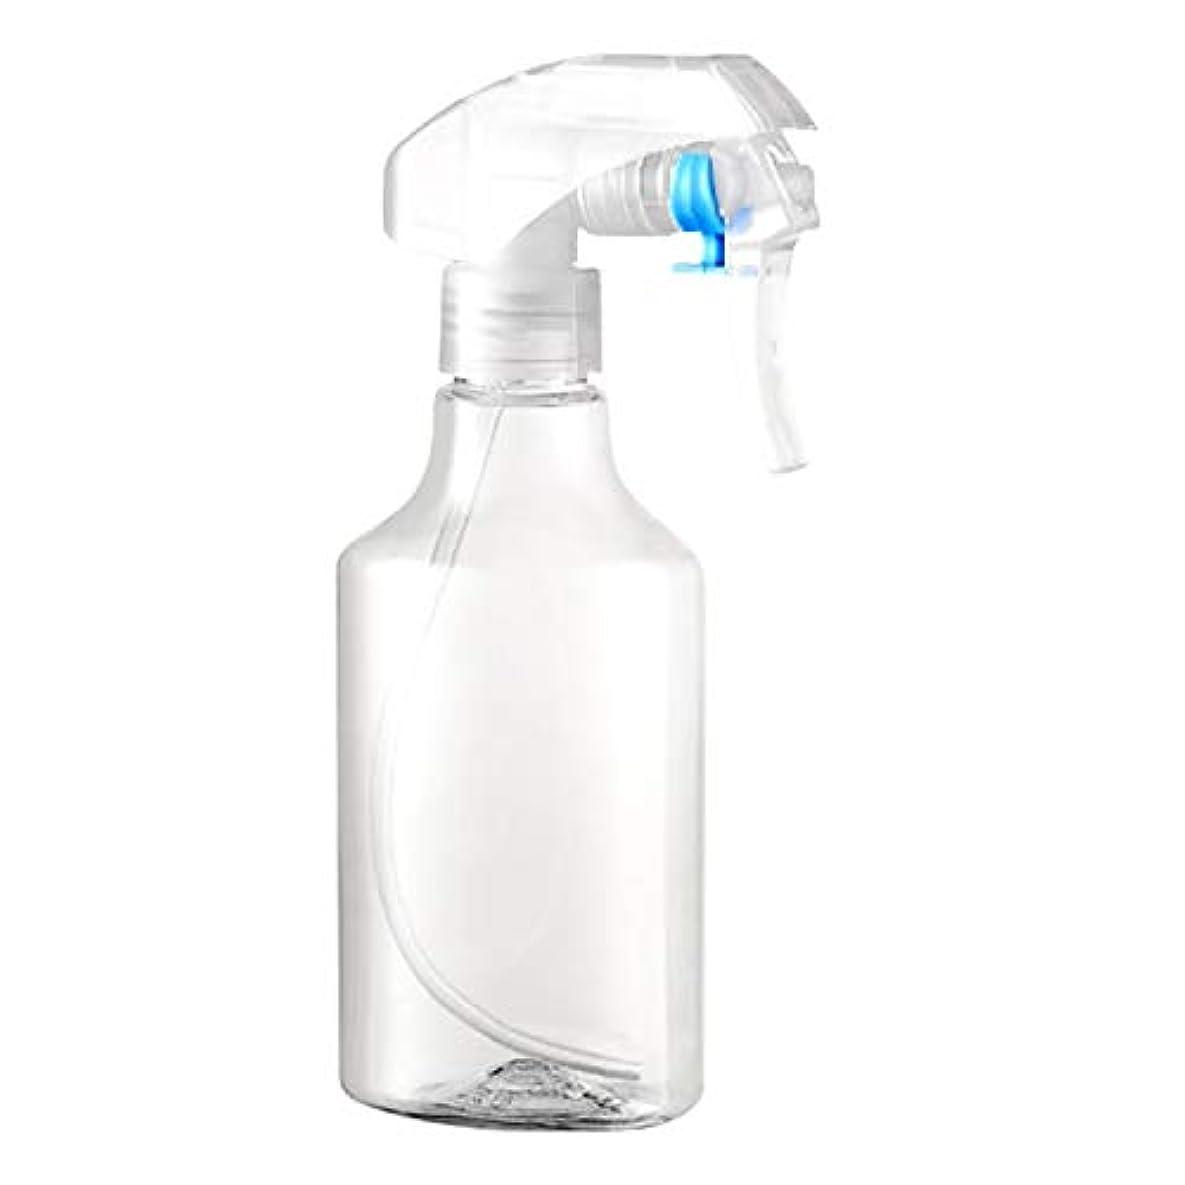 防止知覚料理極細0.3㏄のミストを噴霧する スプレーボトル 霧吹き 250ml